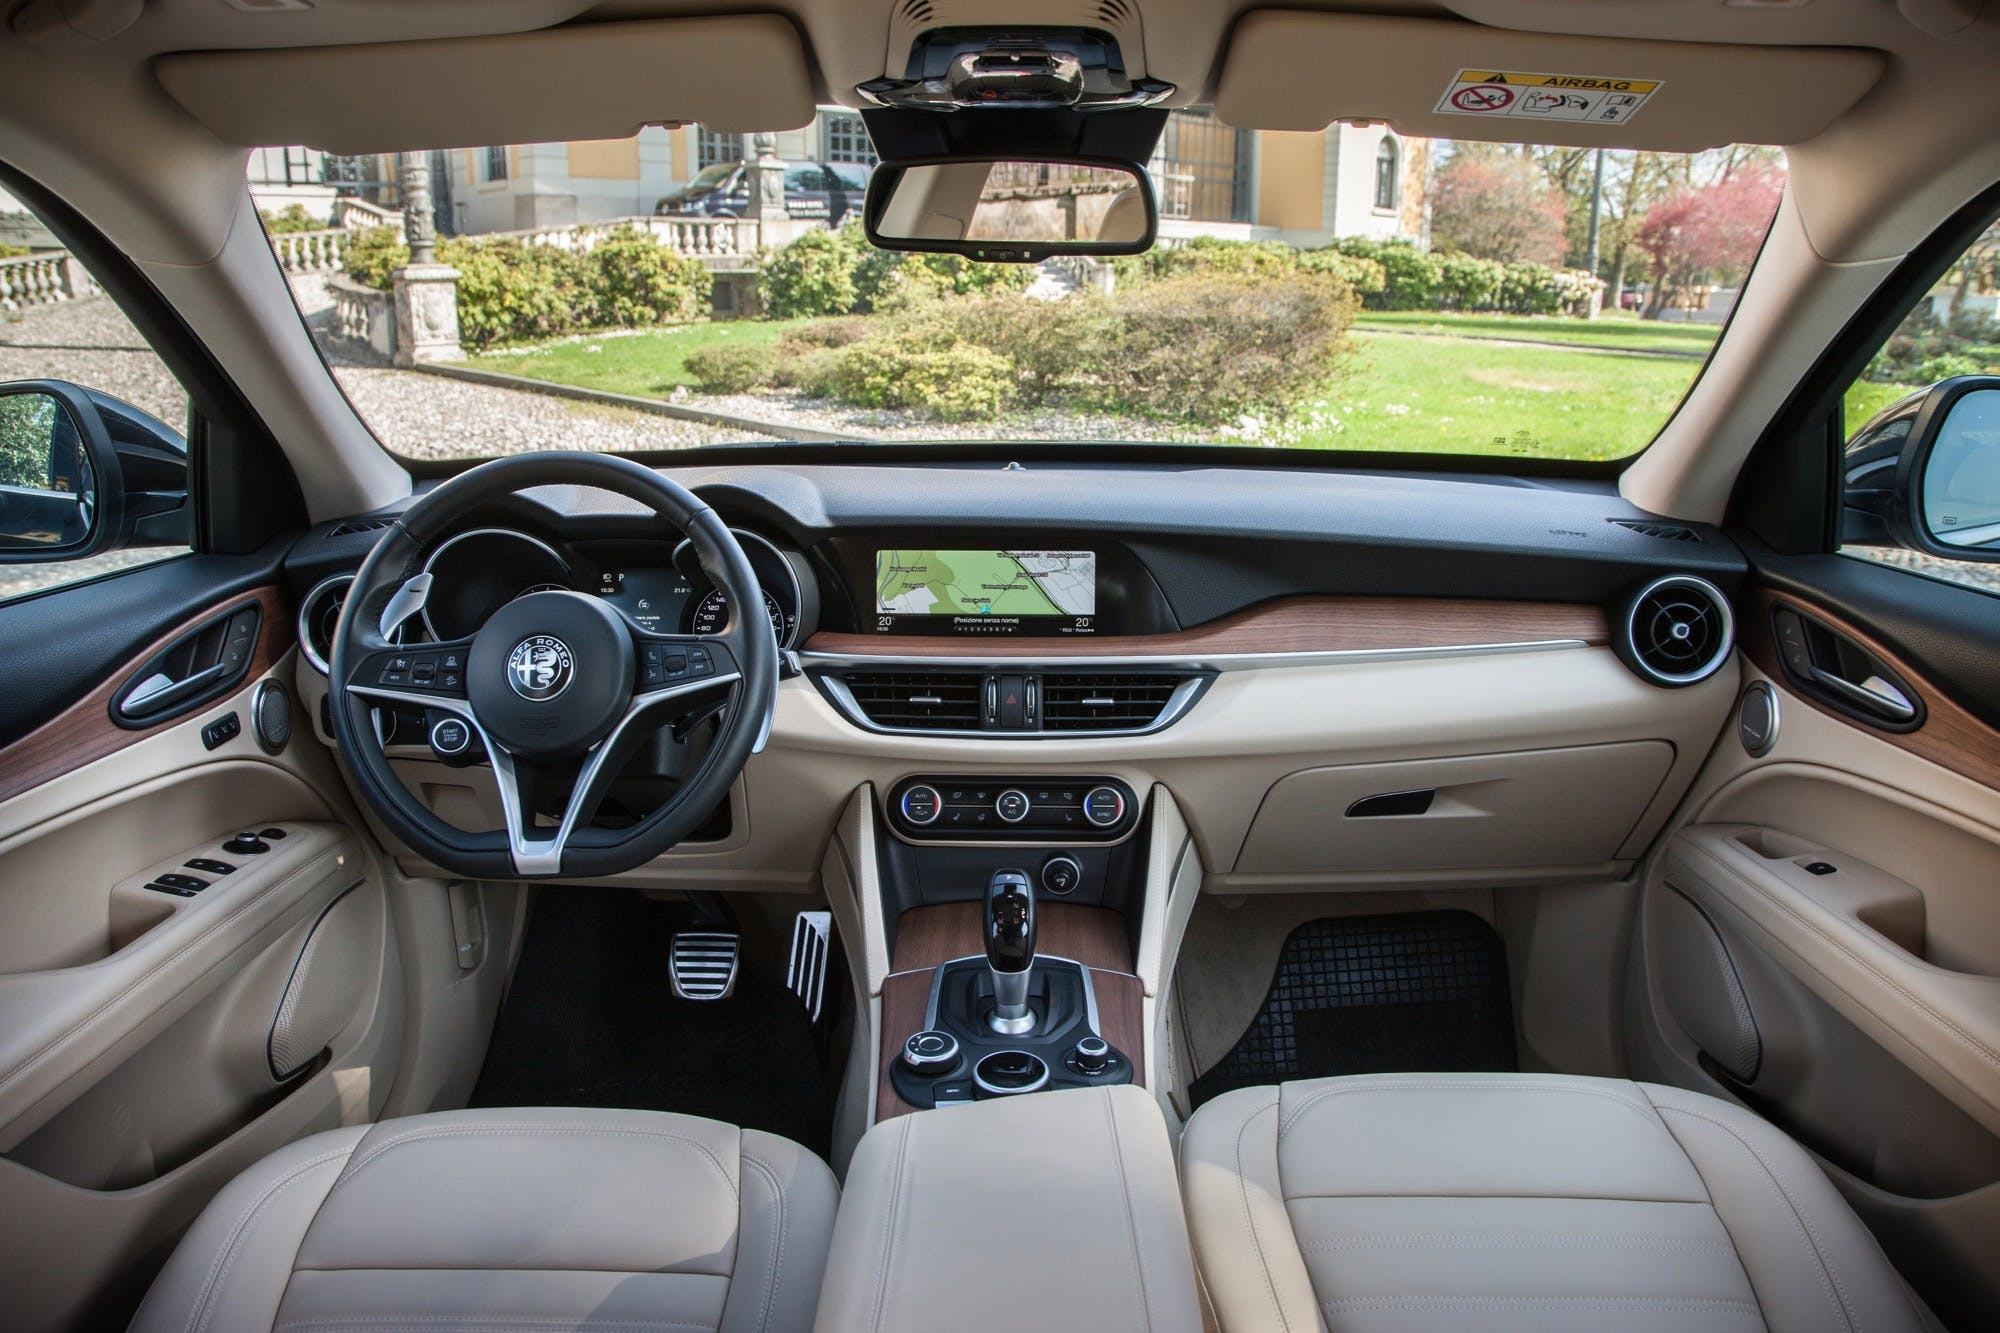 Alfa Romeo Stelvio dettaglio volante cruscotto e schermo centrale